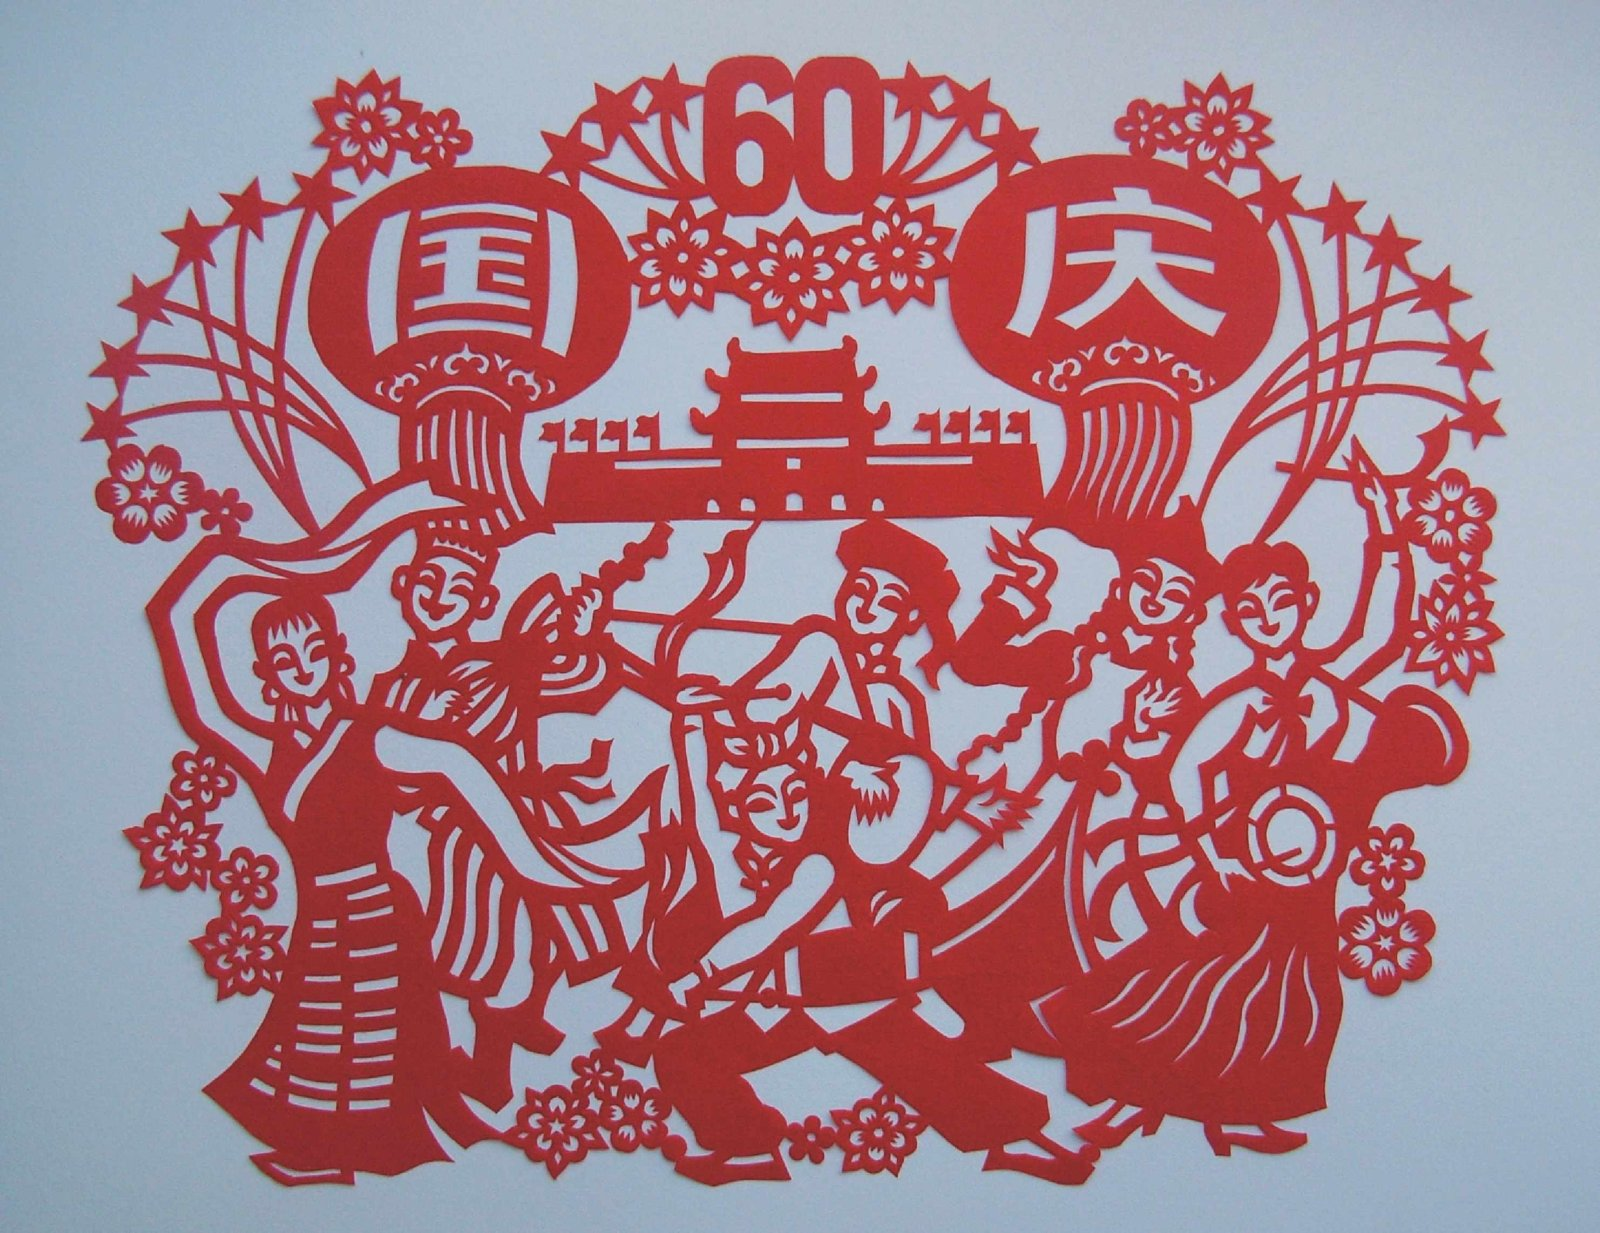 在庆祝中华人民共和国成立六十周年前夕,作为共和国的同龄人,在国庆前要为迎国庆节做点啥?我找出了自己33岁时的两幅老作品,一幅国庆三十三周年是发表在《陕西日报》上的,我当时在黄河流域的陕西农村地带生活了12年,所以就让陕西农民形象唱主角。另一幅歌唱祖国是发表在《苏州报》上的,我人在陕西,可是21年是在长江流域生活的,出于对江南故乡的眷恋,我选用了苏州水乡农民的形象。这两幅作品中少数民族画了几个最具代表性形象,象征性表示全国各族人民大团结和欢庆的喜悦。